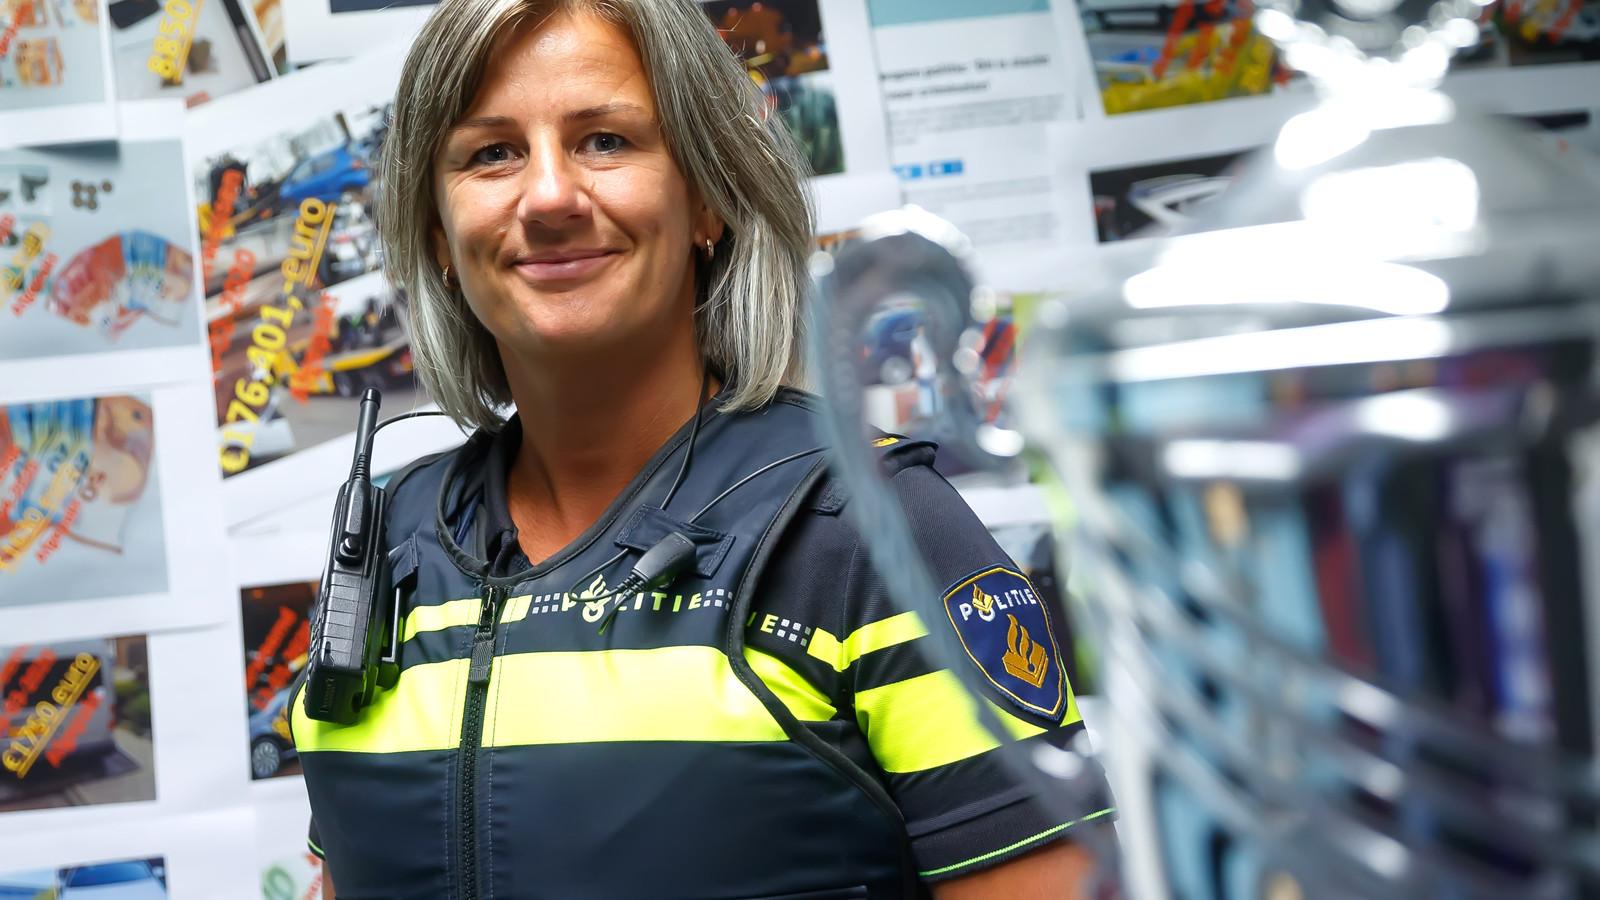 Politieteam Weerijs is politieteam van het jaar geworden omdat het zo goed geld weet af te pakken van criminelen. Op de foto teamchef Jacoline Bolle voor de 'afpakmuur' met foto's van een deel van de oogst.